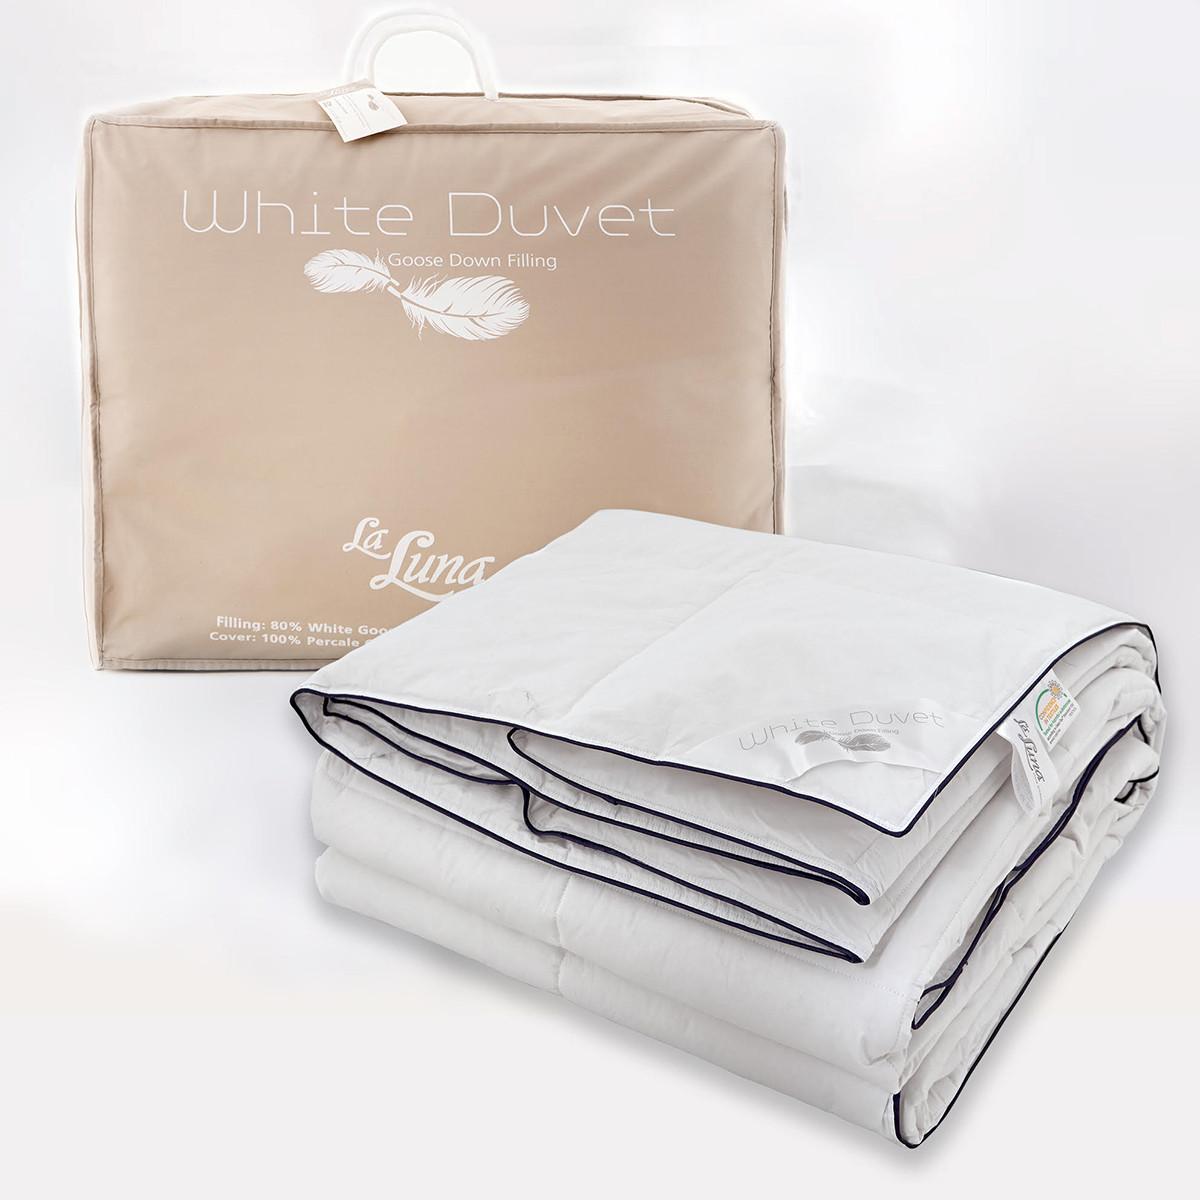 Πάπλωμα Πουπουλένιο Μονό La Luna White Duvet 80/20 home   κρεβατοκάμαρα   παπλώματα   παπλώματα πουπουλένια